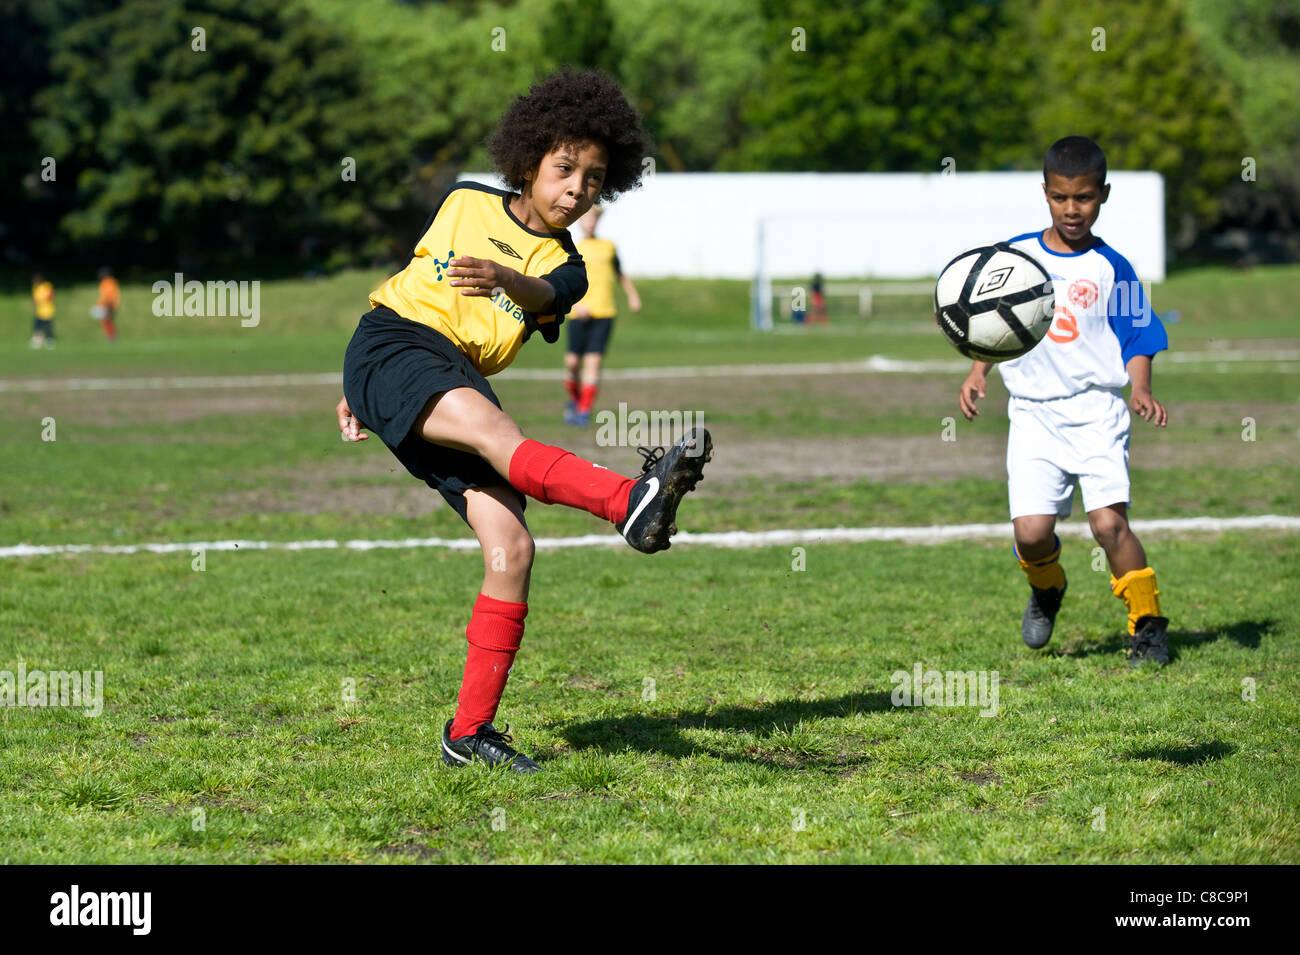 Football-Spieler der U11-Team den Ball am Rygersdal Football Club Cape Town South Africa Stockbild